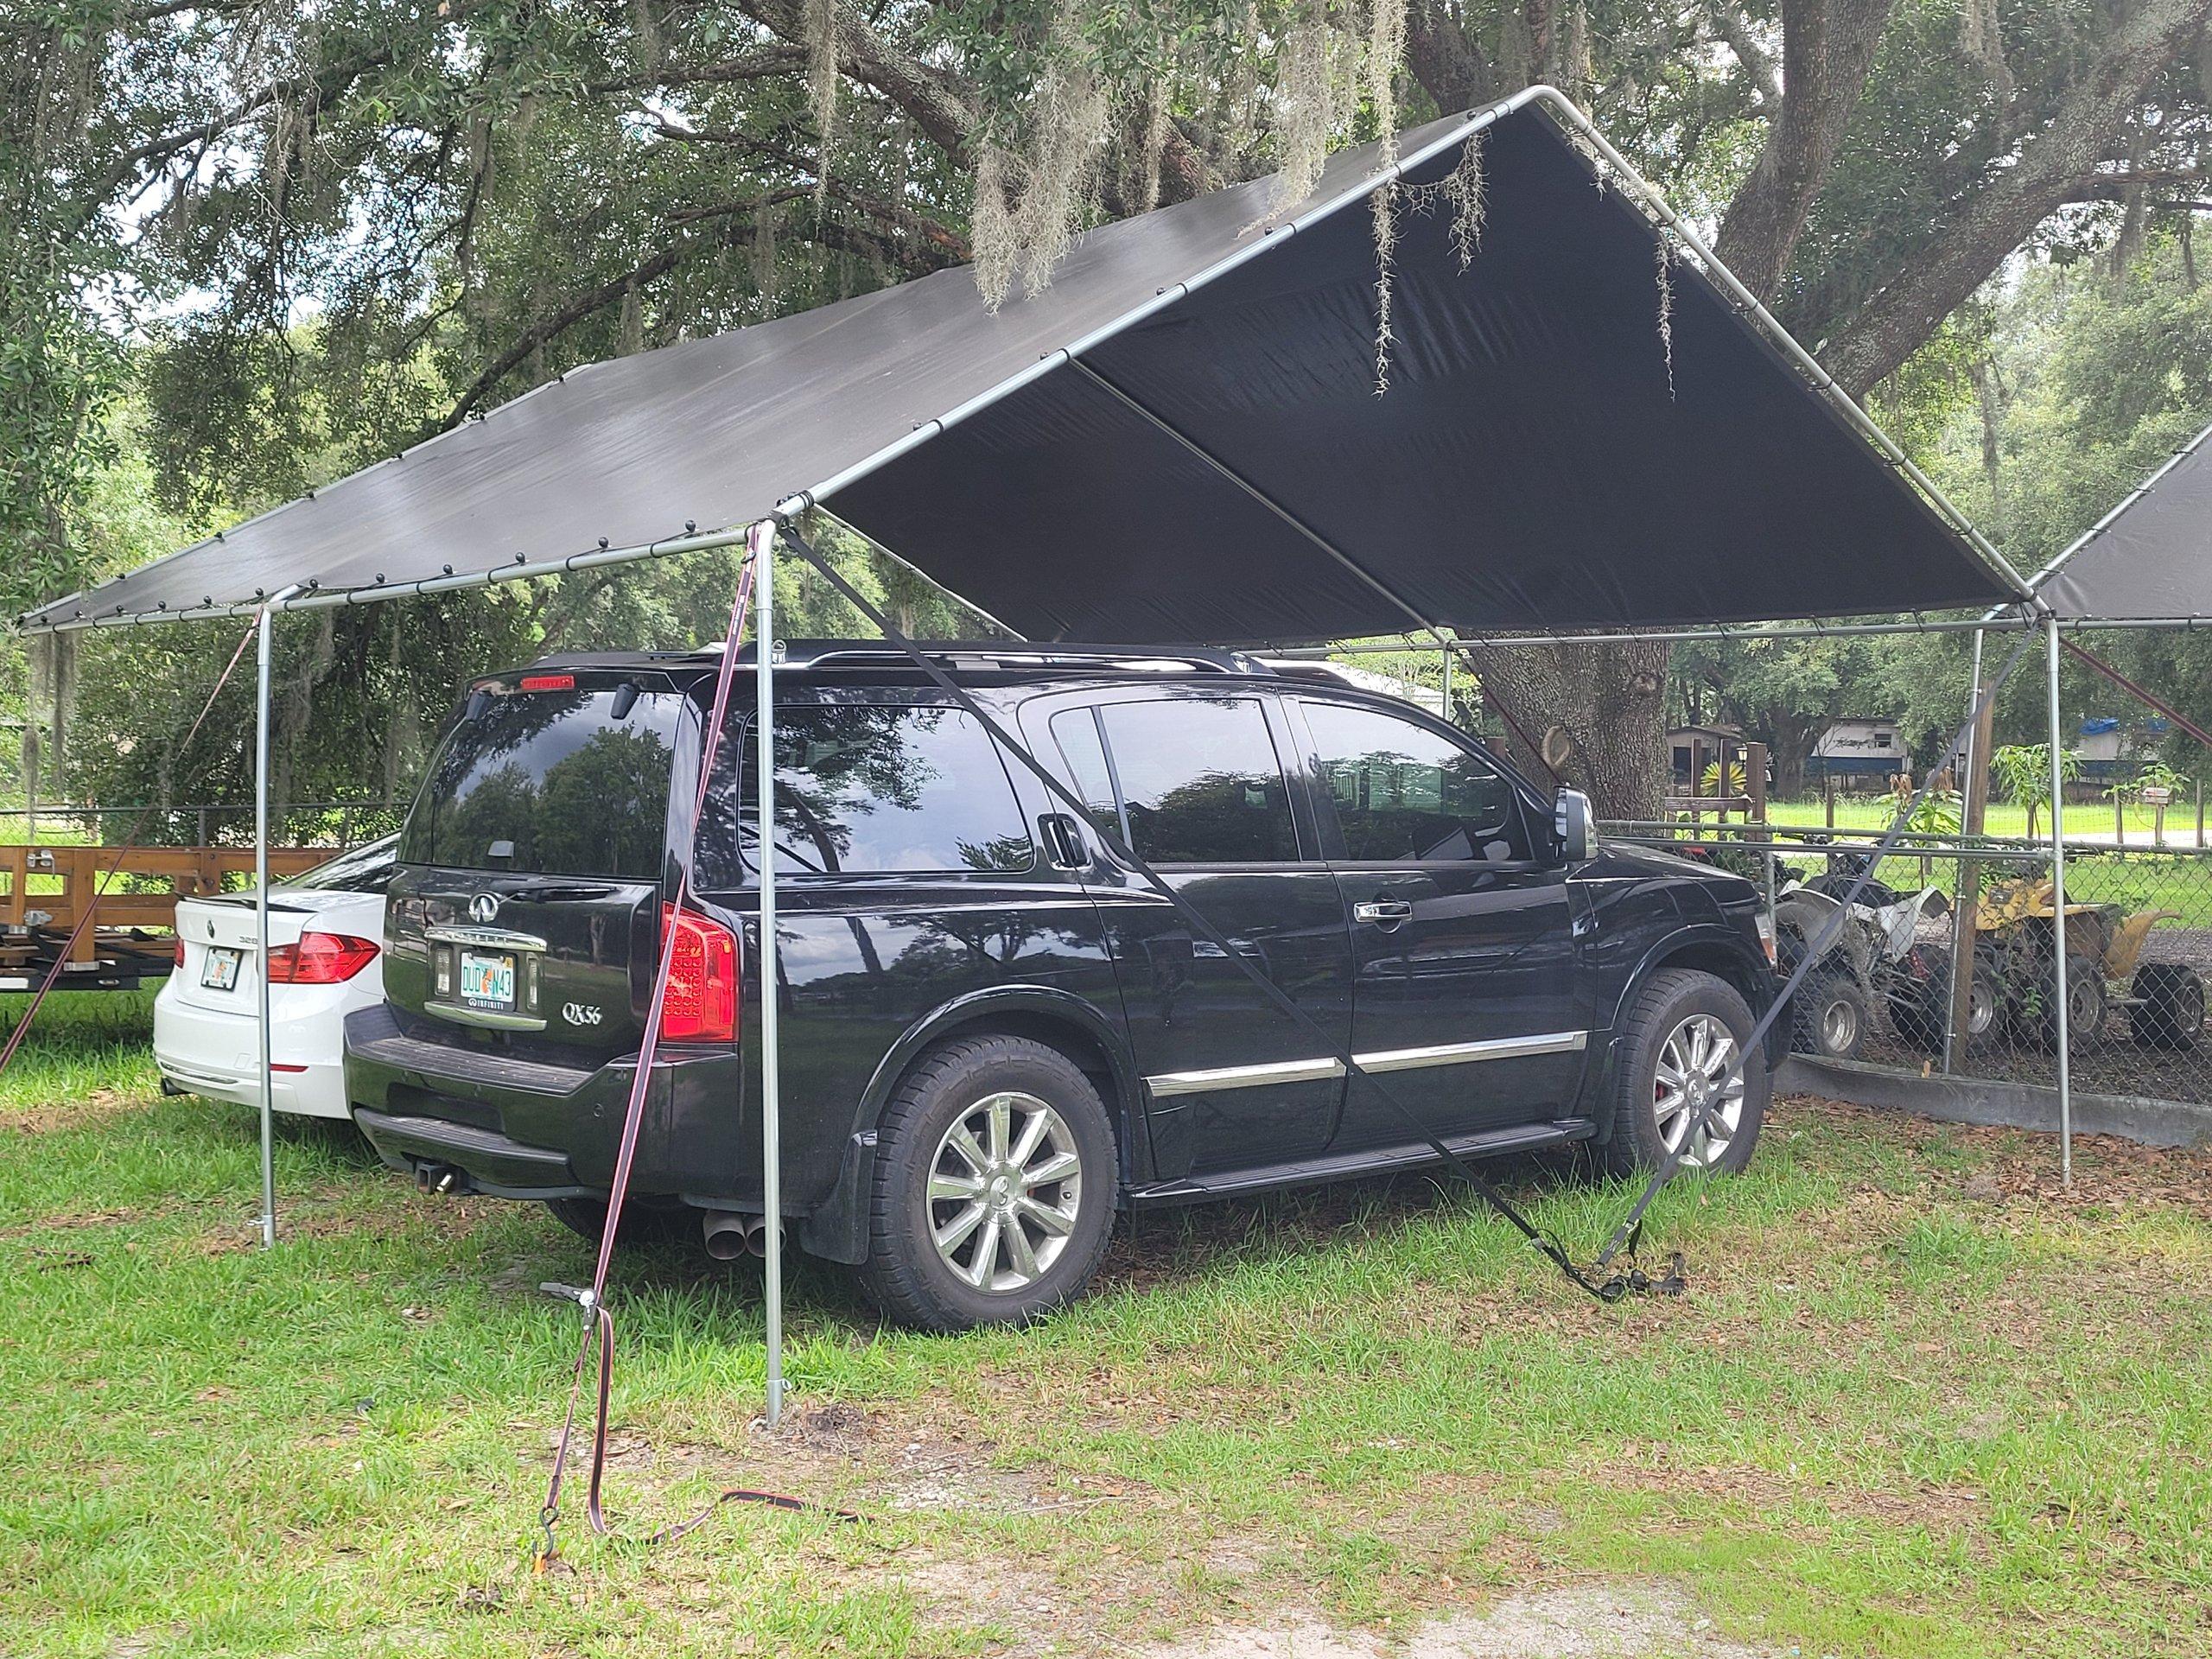 18x20 Carport self storage unit